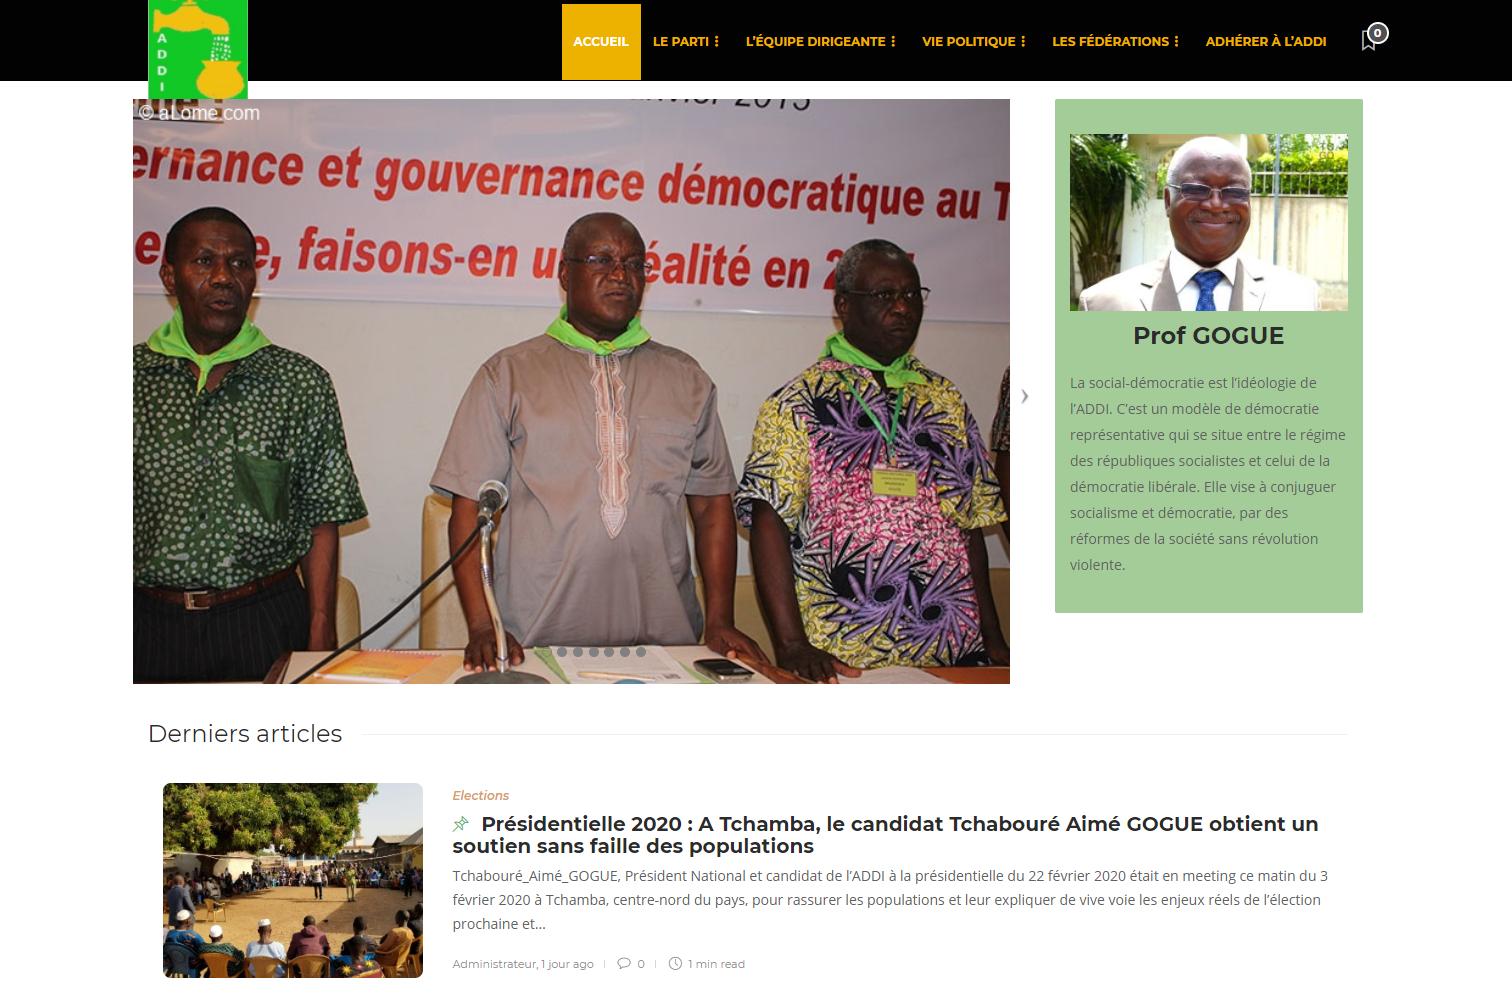 Aimé Tchabouré Gogué est le candidat de l'ADDI pour l'élection présidentielle togolaise en 2020.